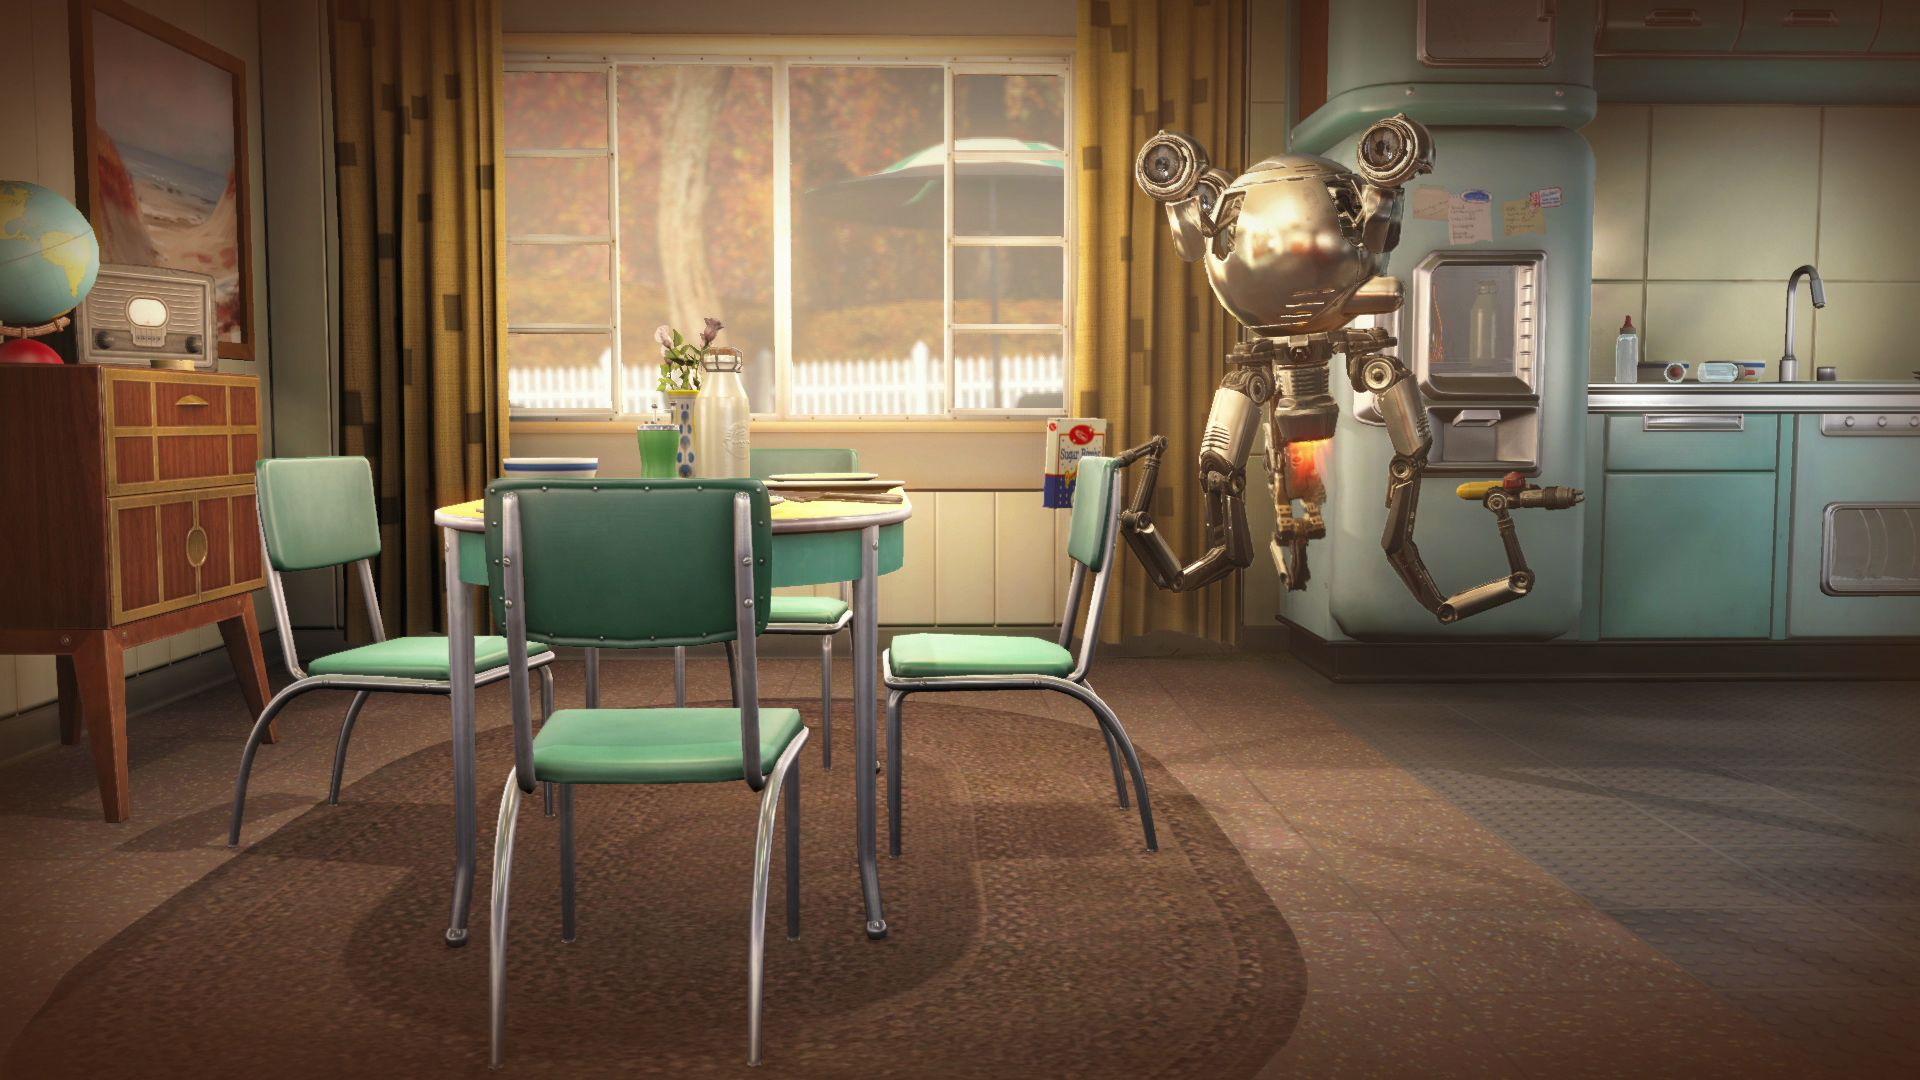 Nurse Robot Video Game Fallout 4 Wallpaper HD 2015